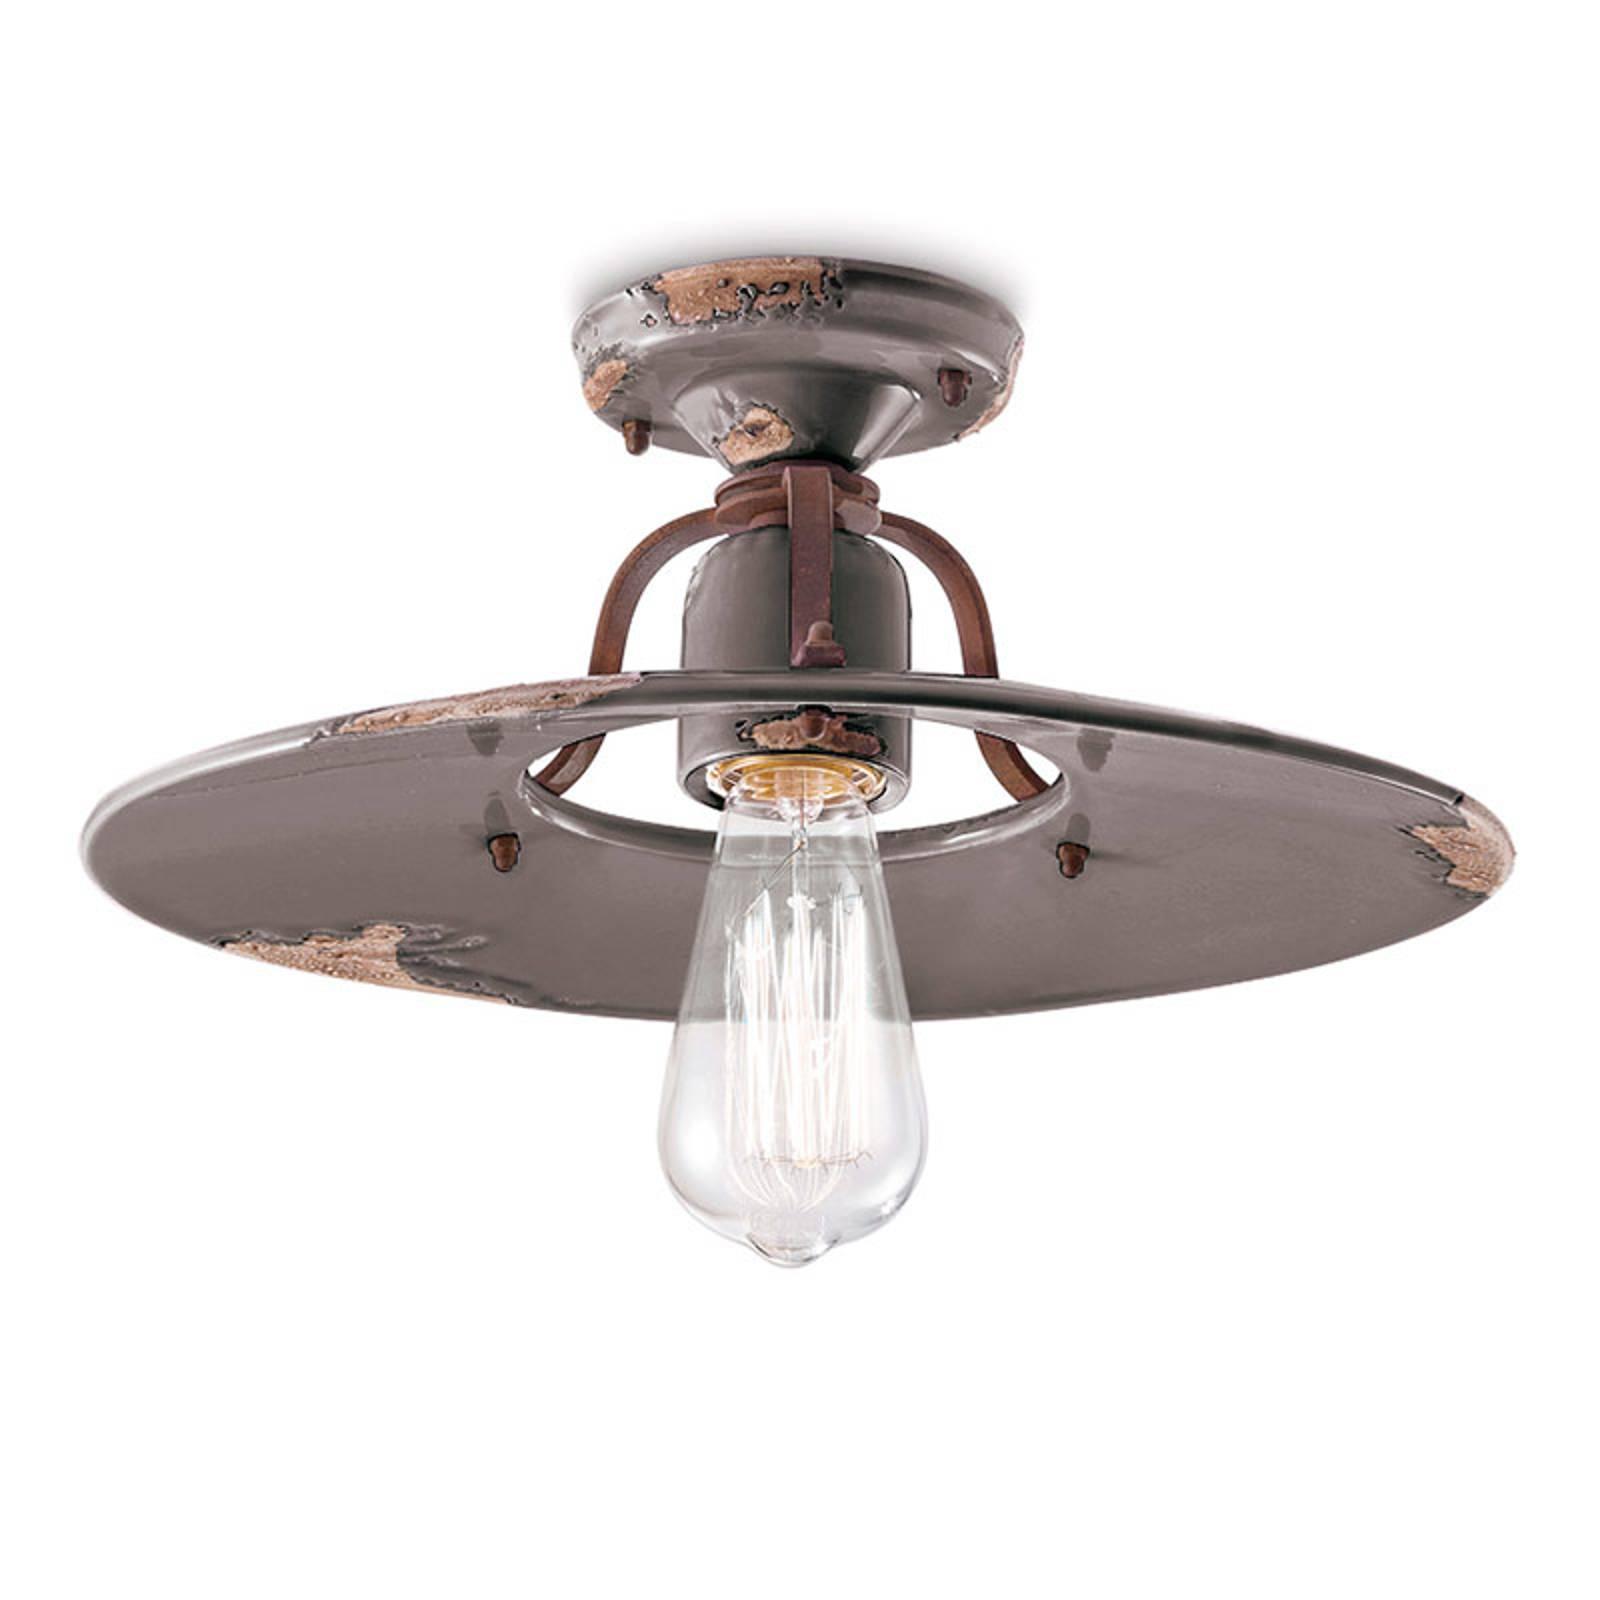 Lampa sufitowa vintage C1445, gołębi, 40cm